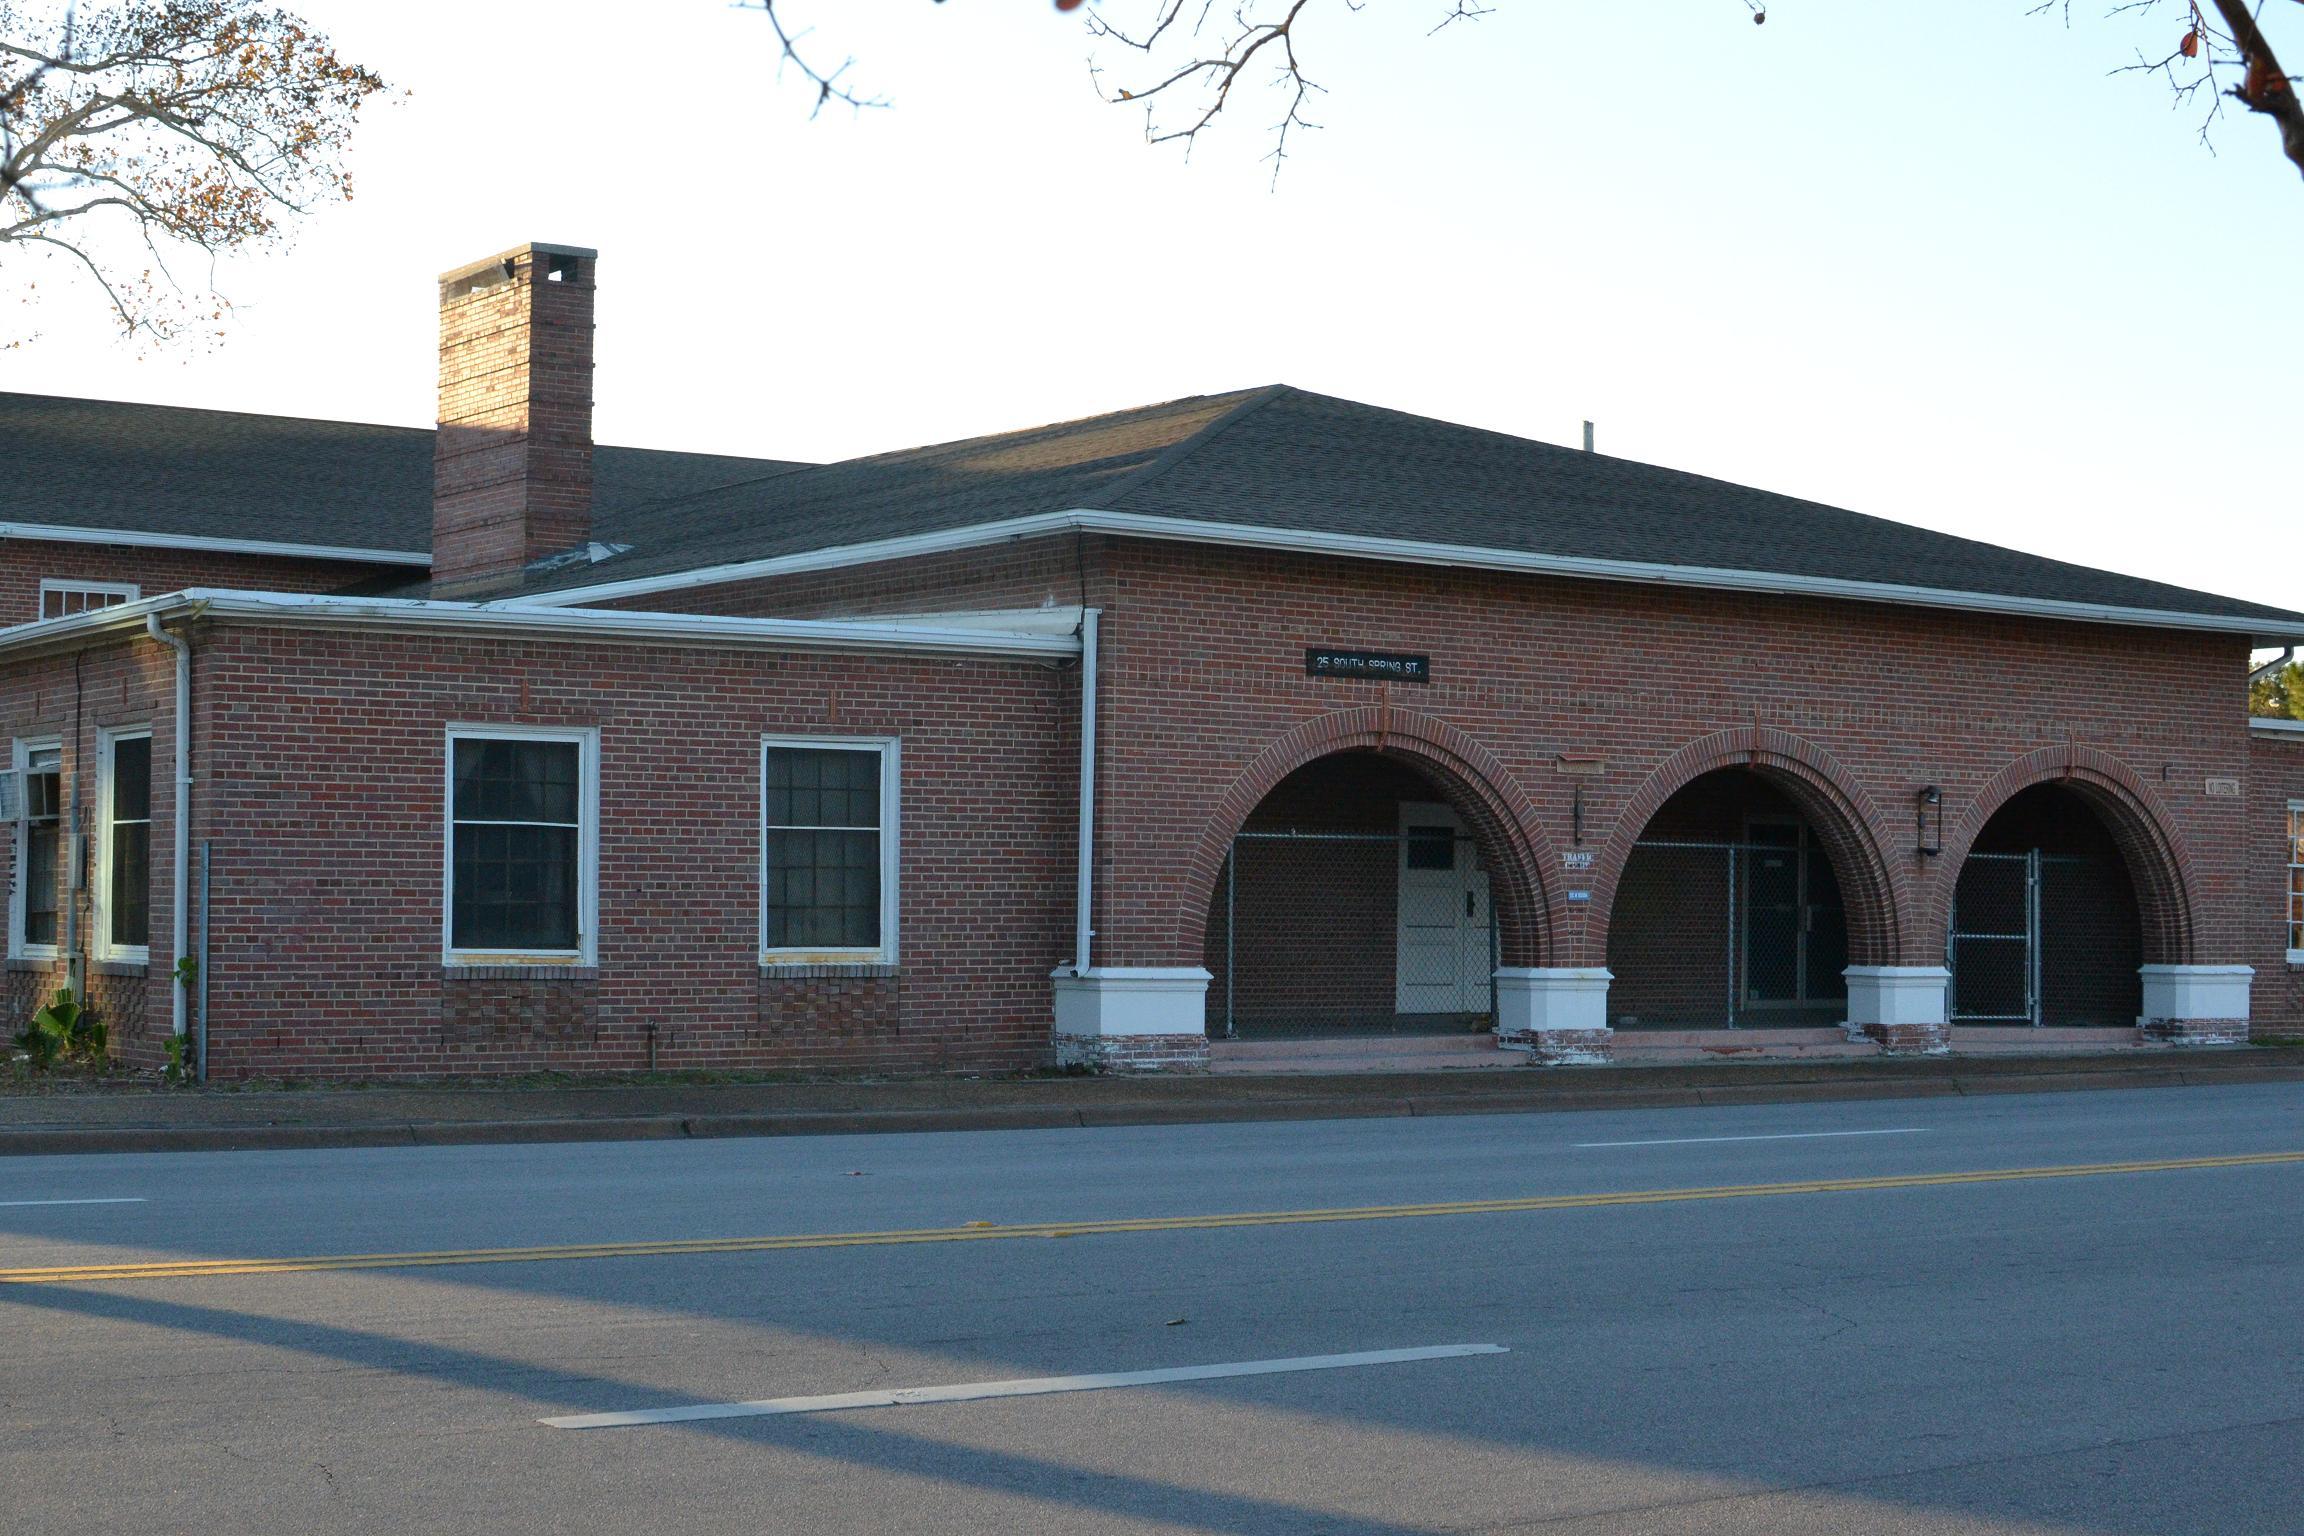 #1 - Pensacola USO Building25 South Spring StreetBuilt 1941